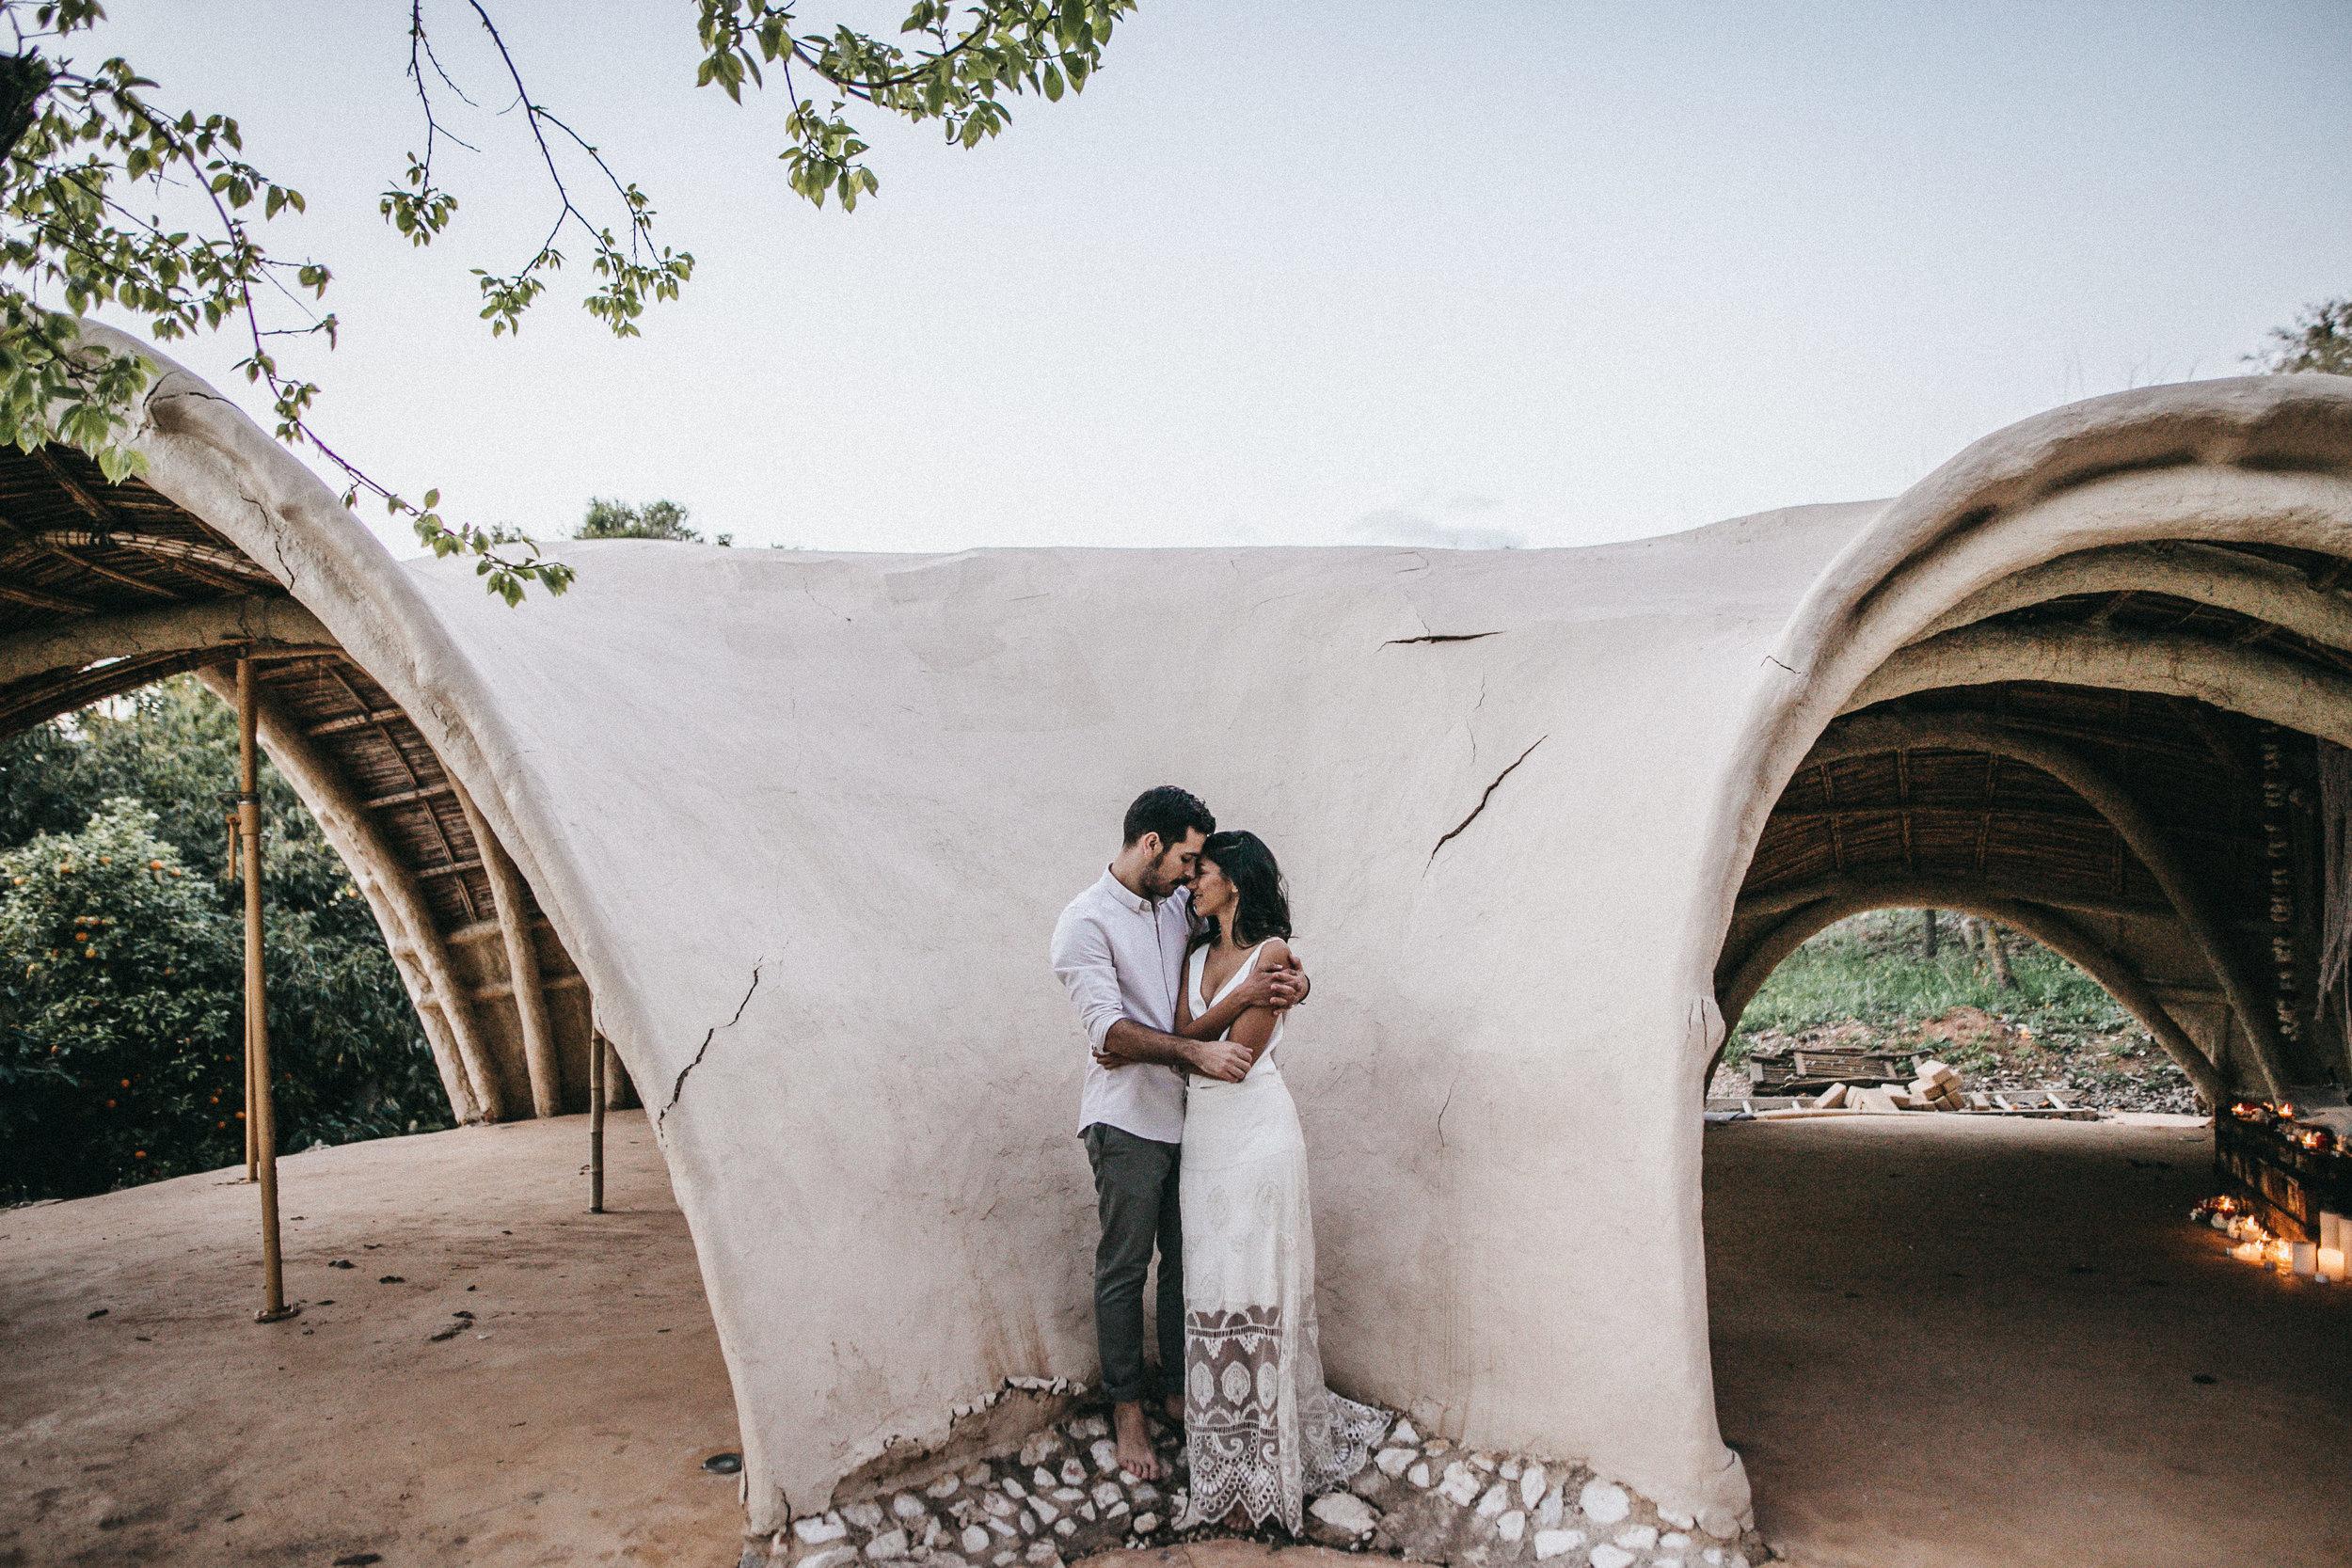 Fotografo de bodas españa serafin castillo wedding photographer spain 927.jpg